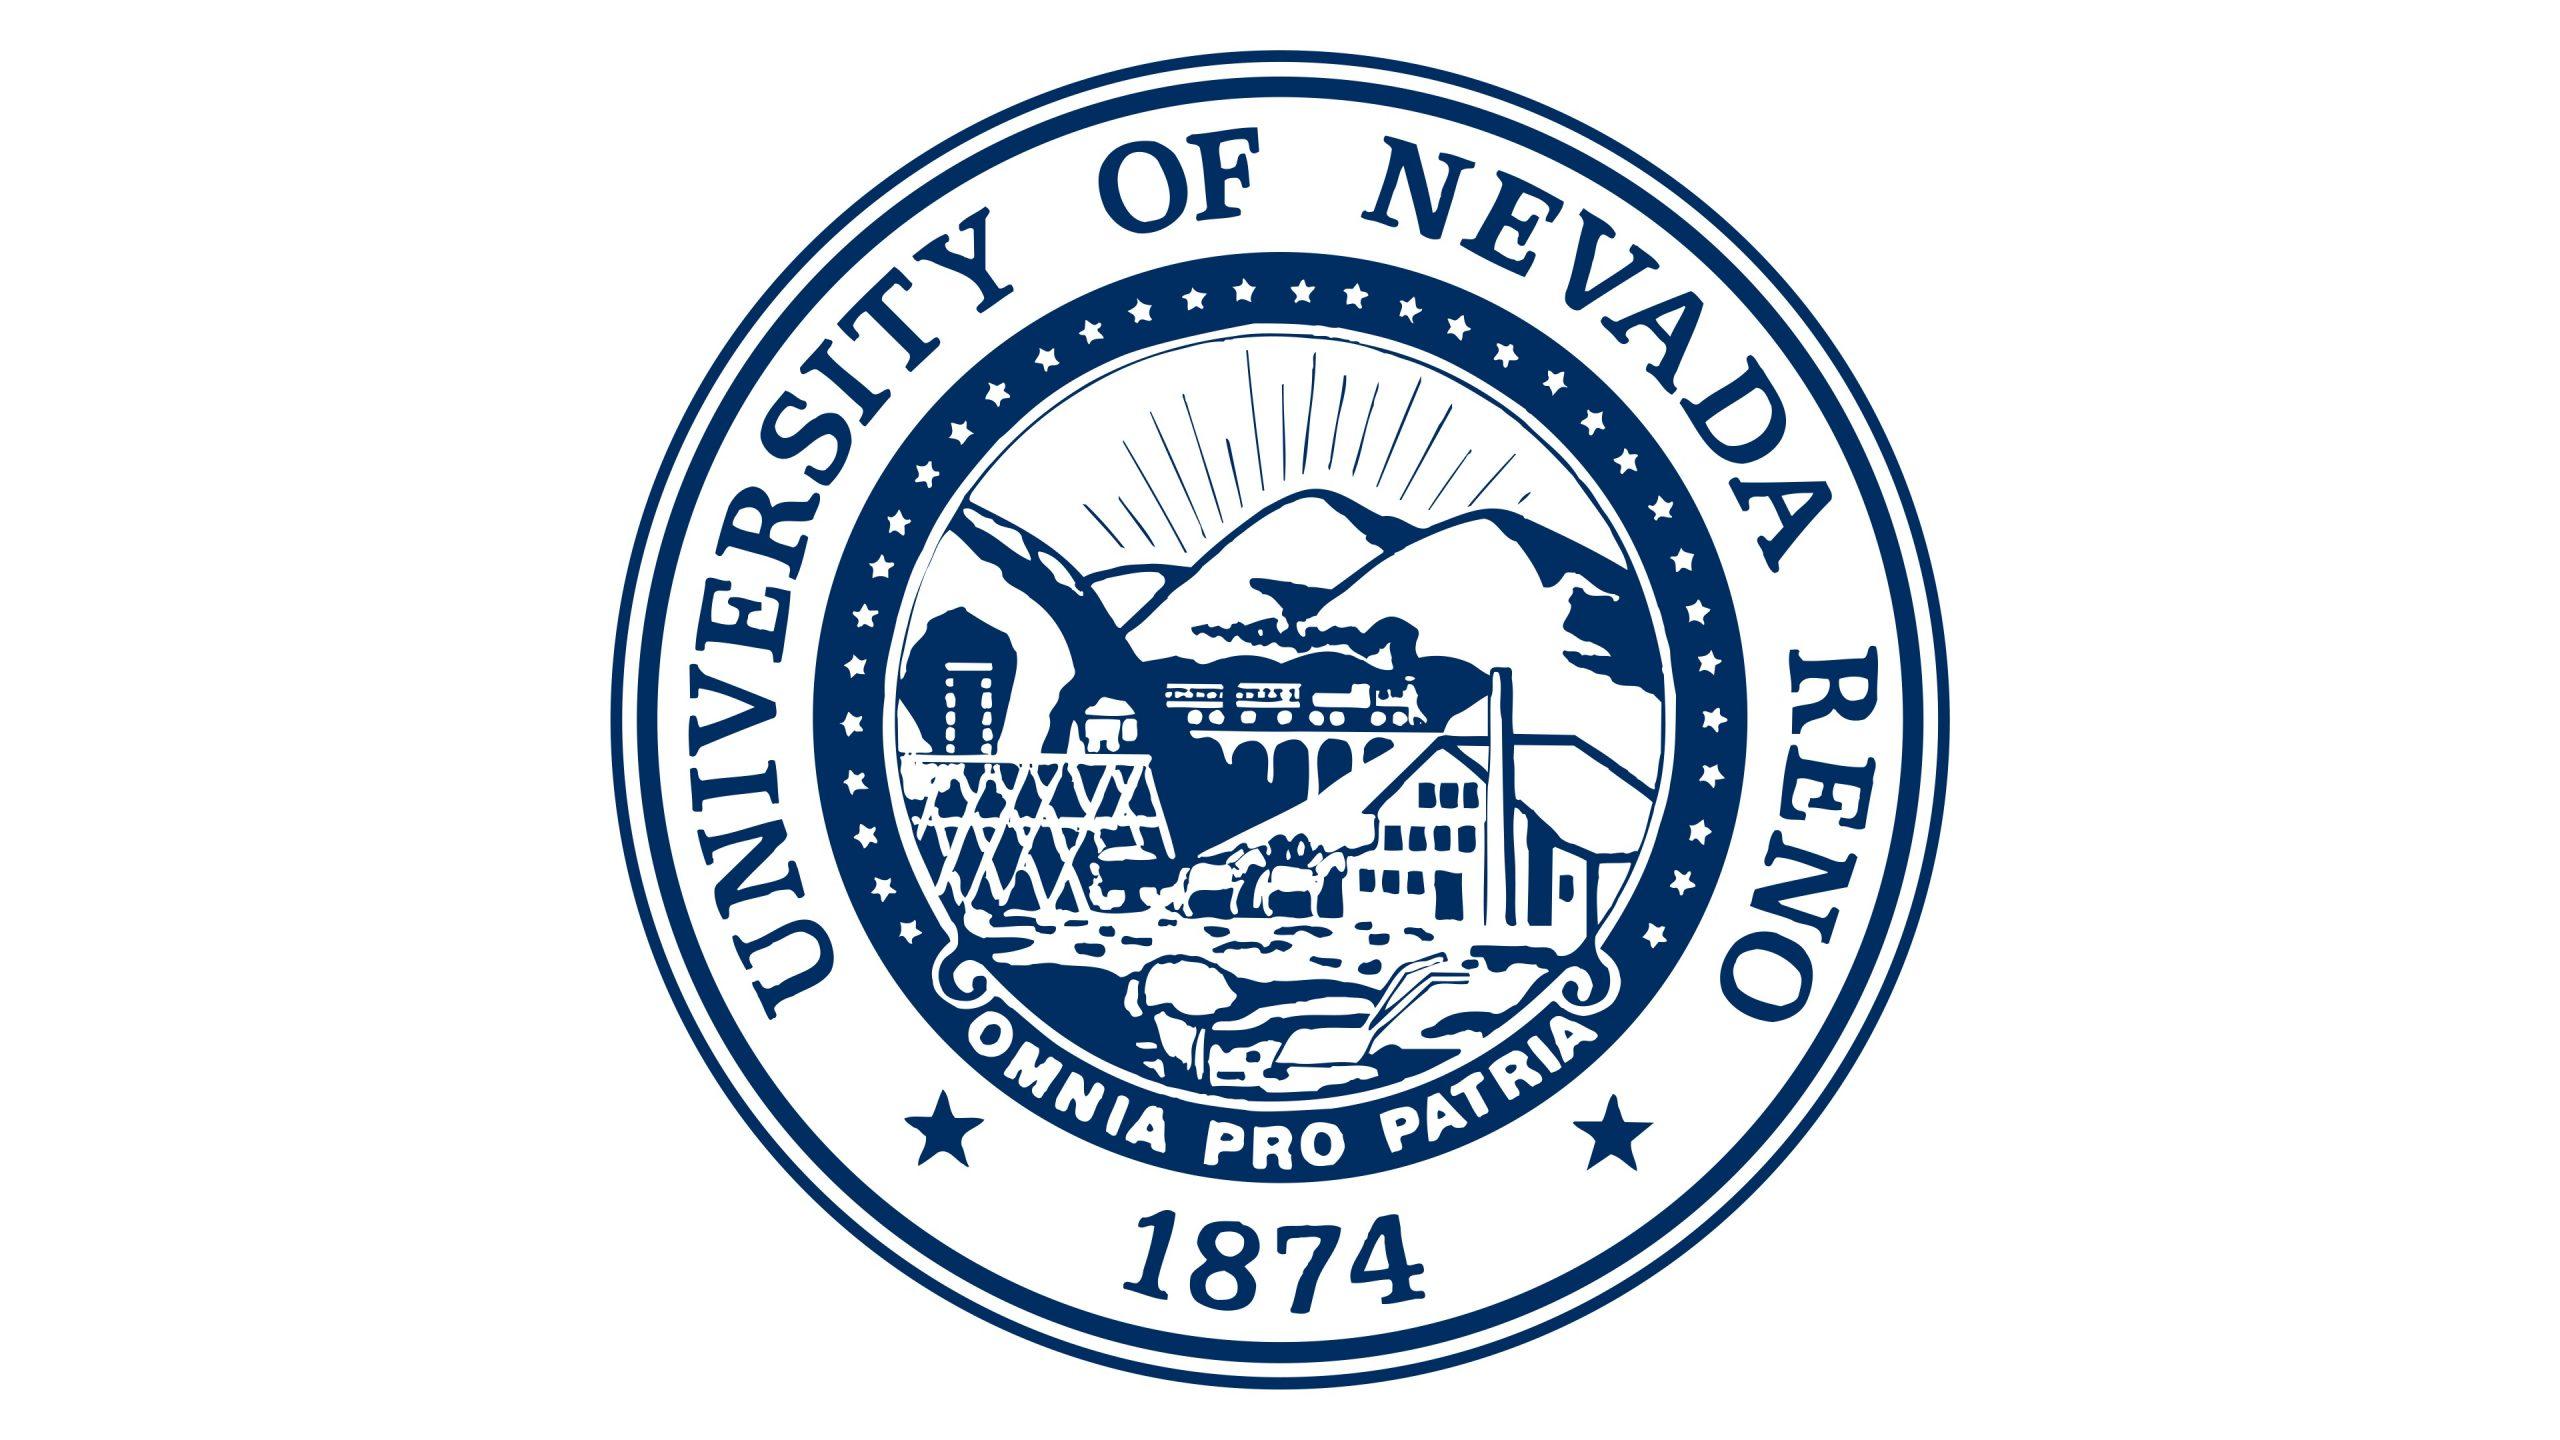 University of Reno